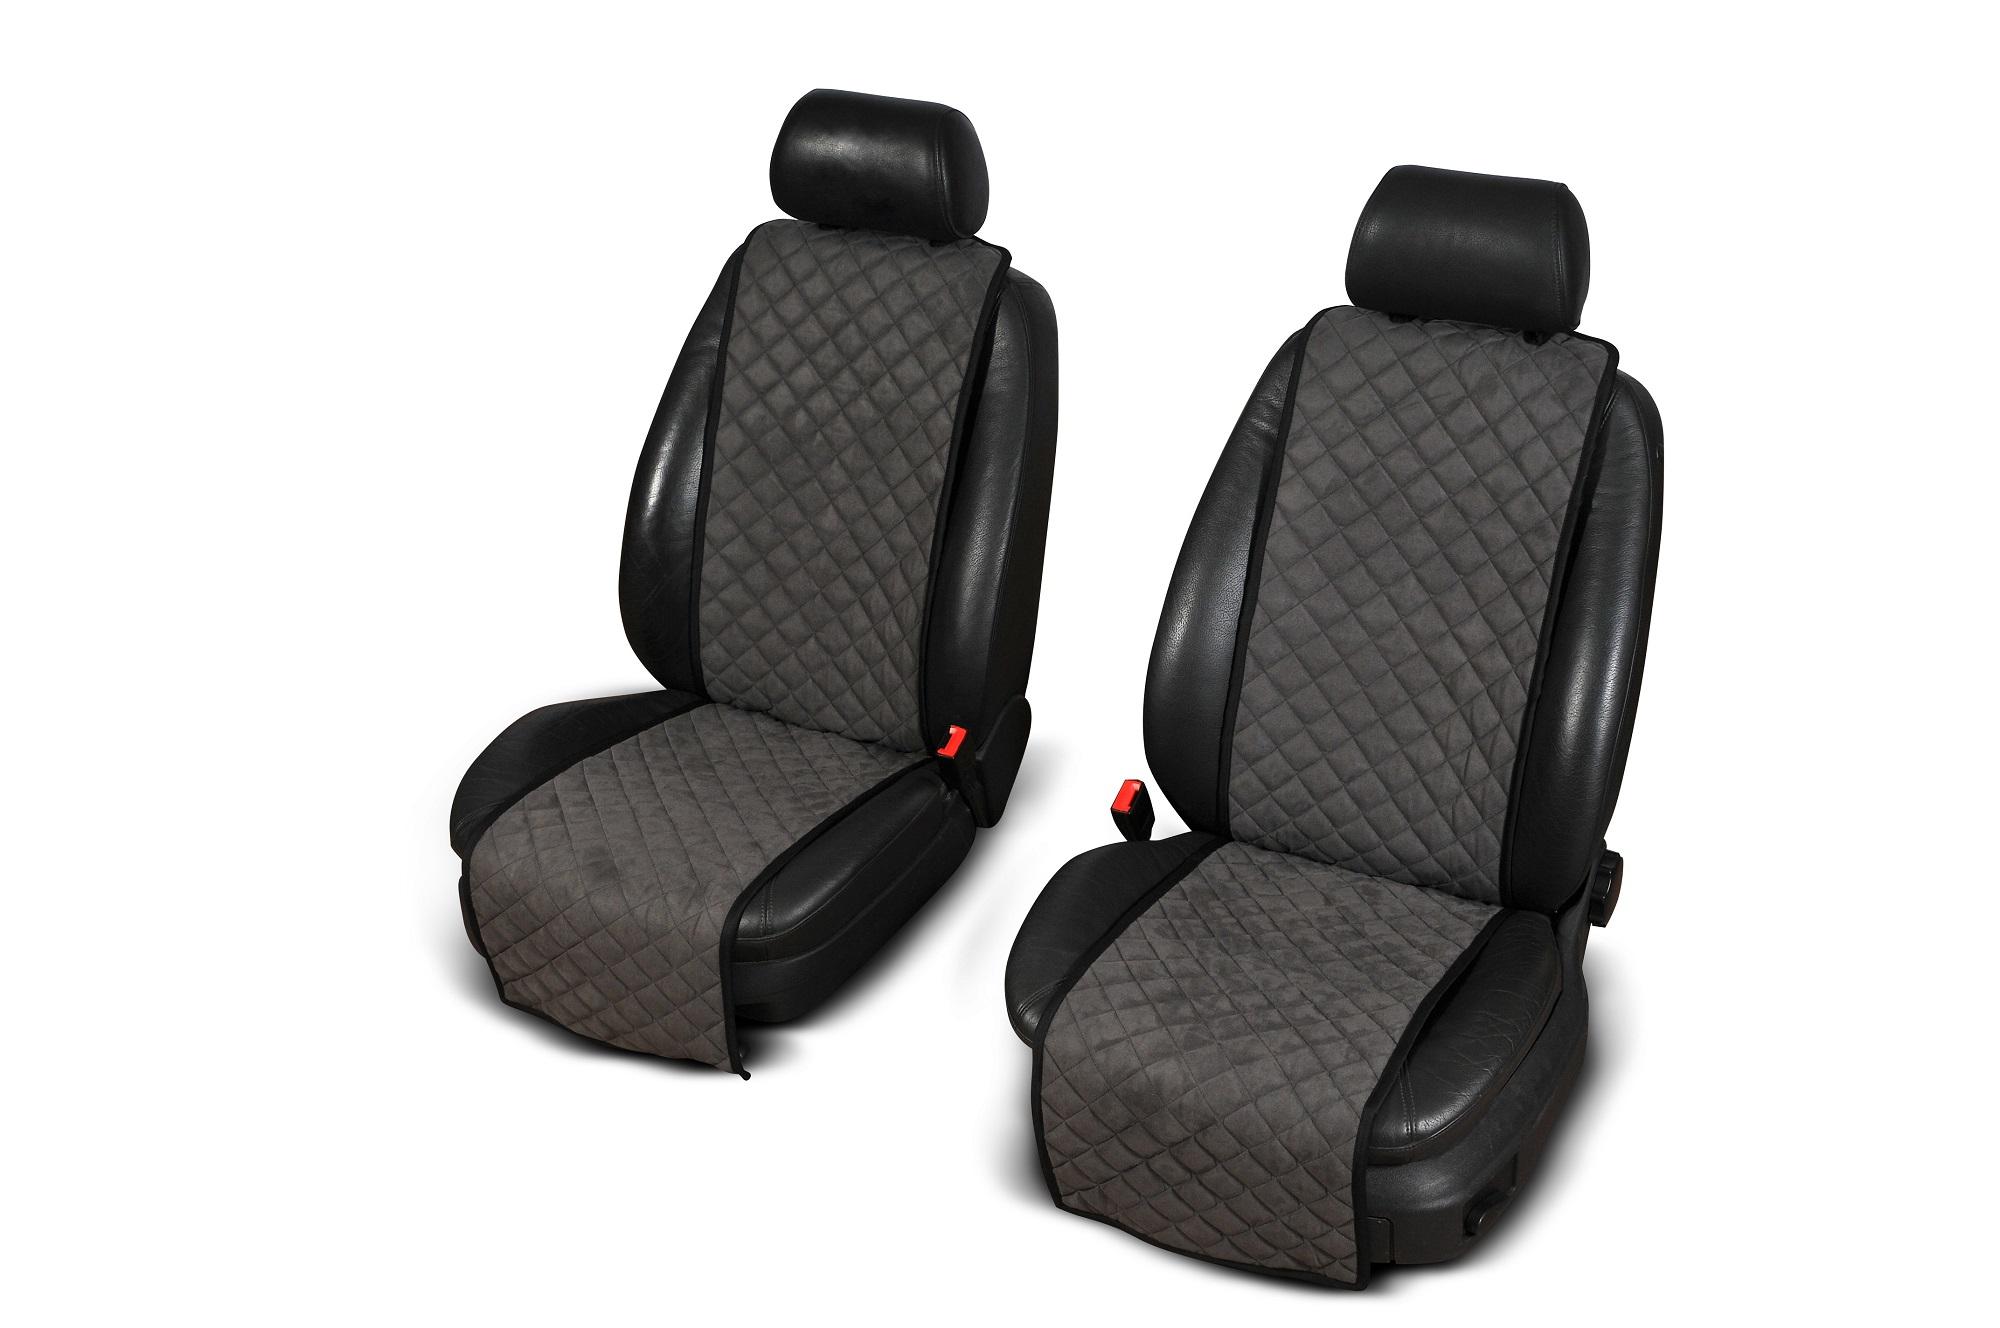 Autopotahy Cantra - Standardní. 2x autopotahy na přední sedadla Barva: Černá s modrým prošíváním